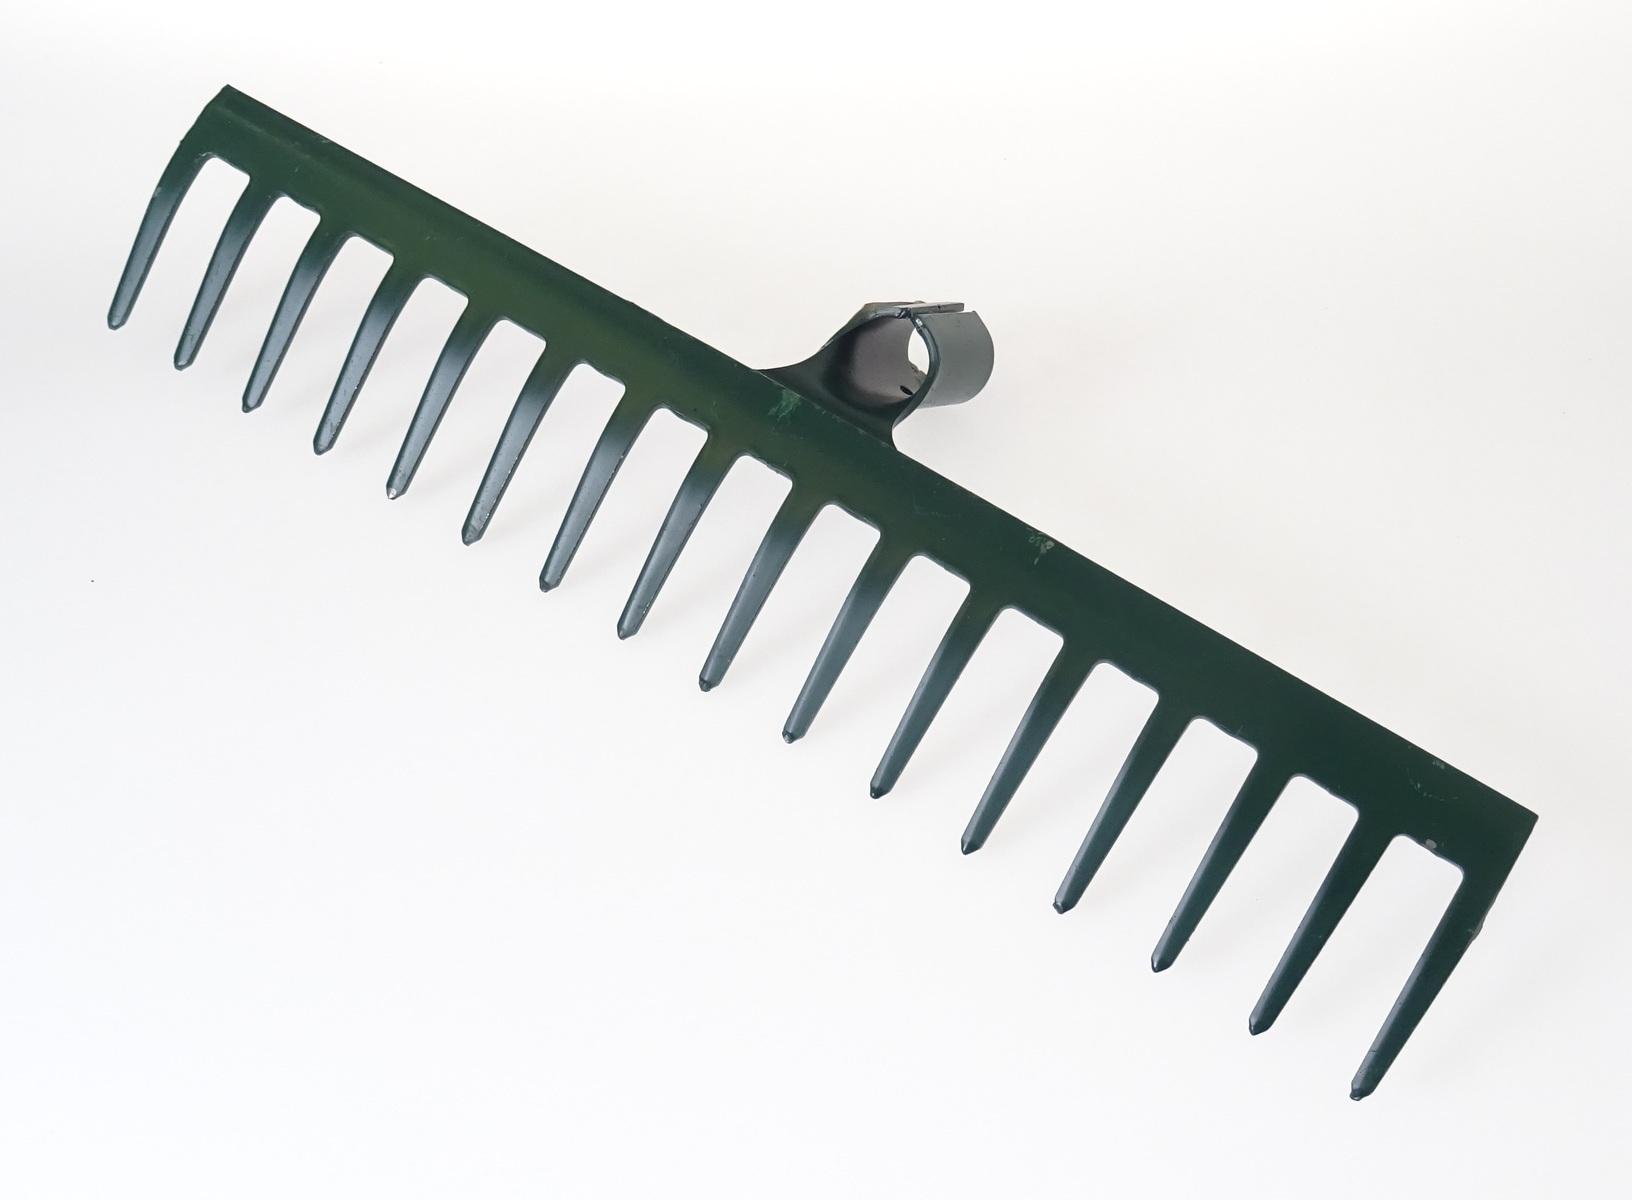 Hrábě zahradní kovové 460 mm, 16 zubů, bez násady